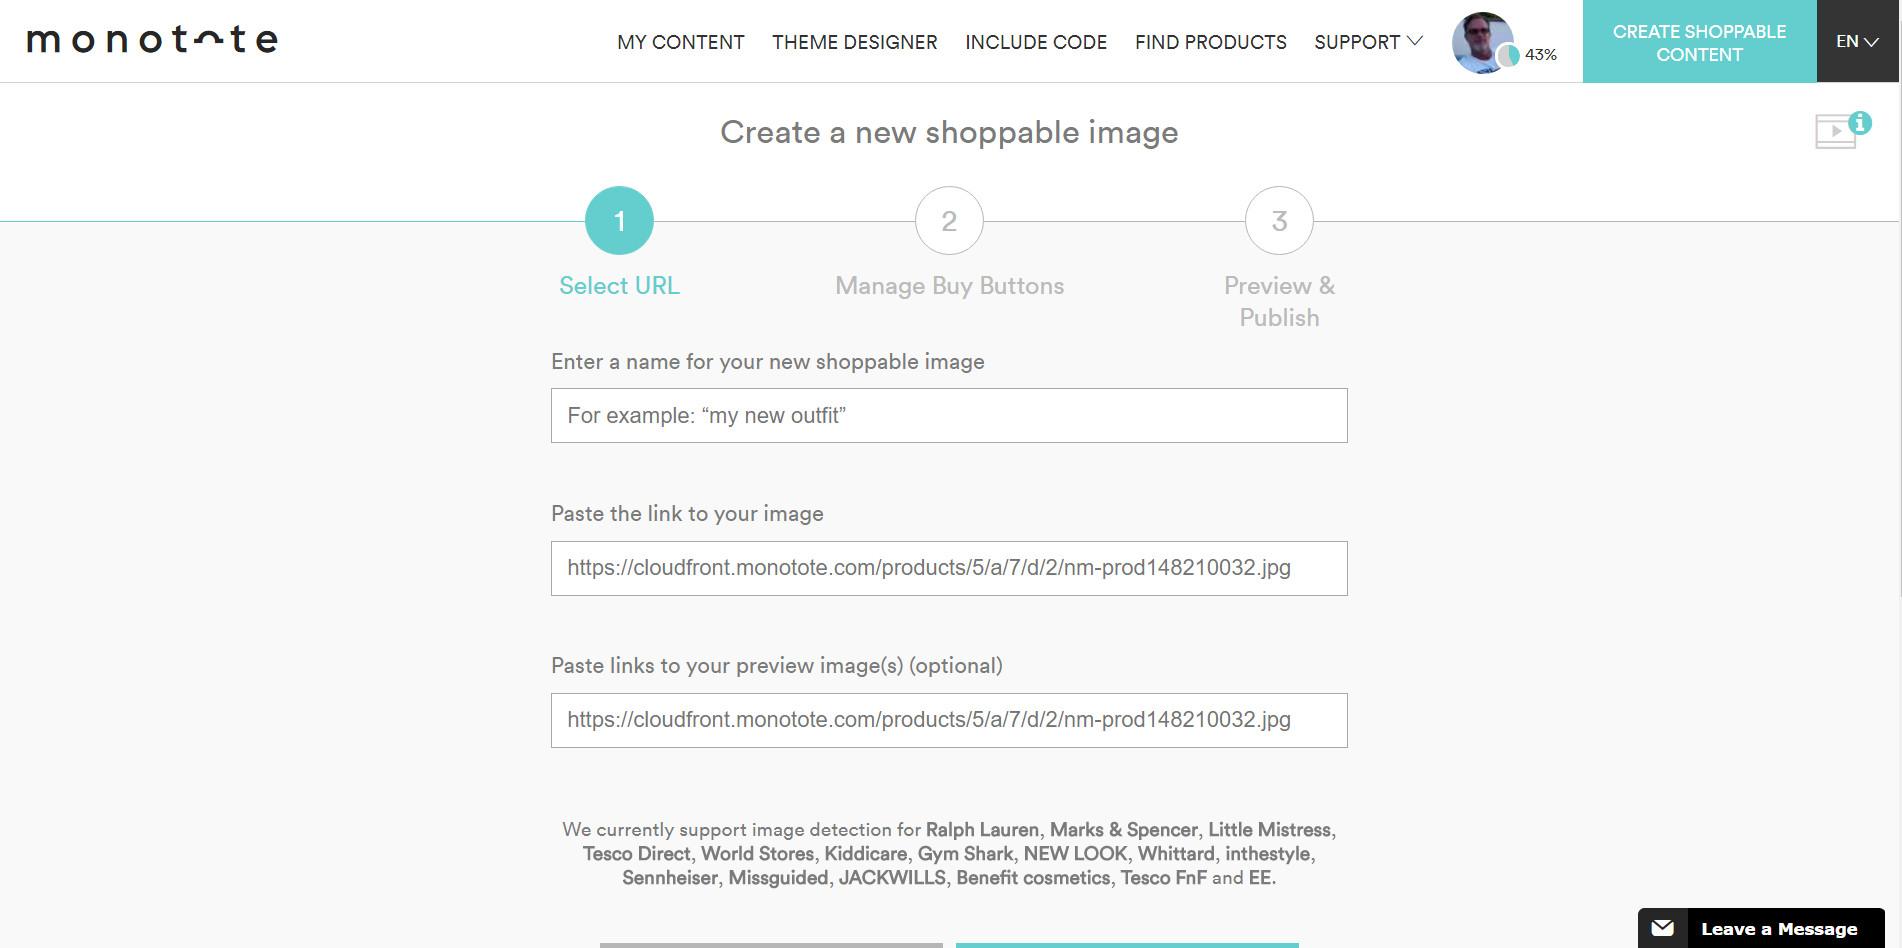 Monotote dashboard add image content